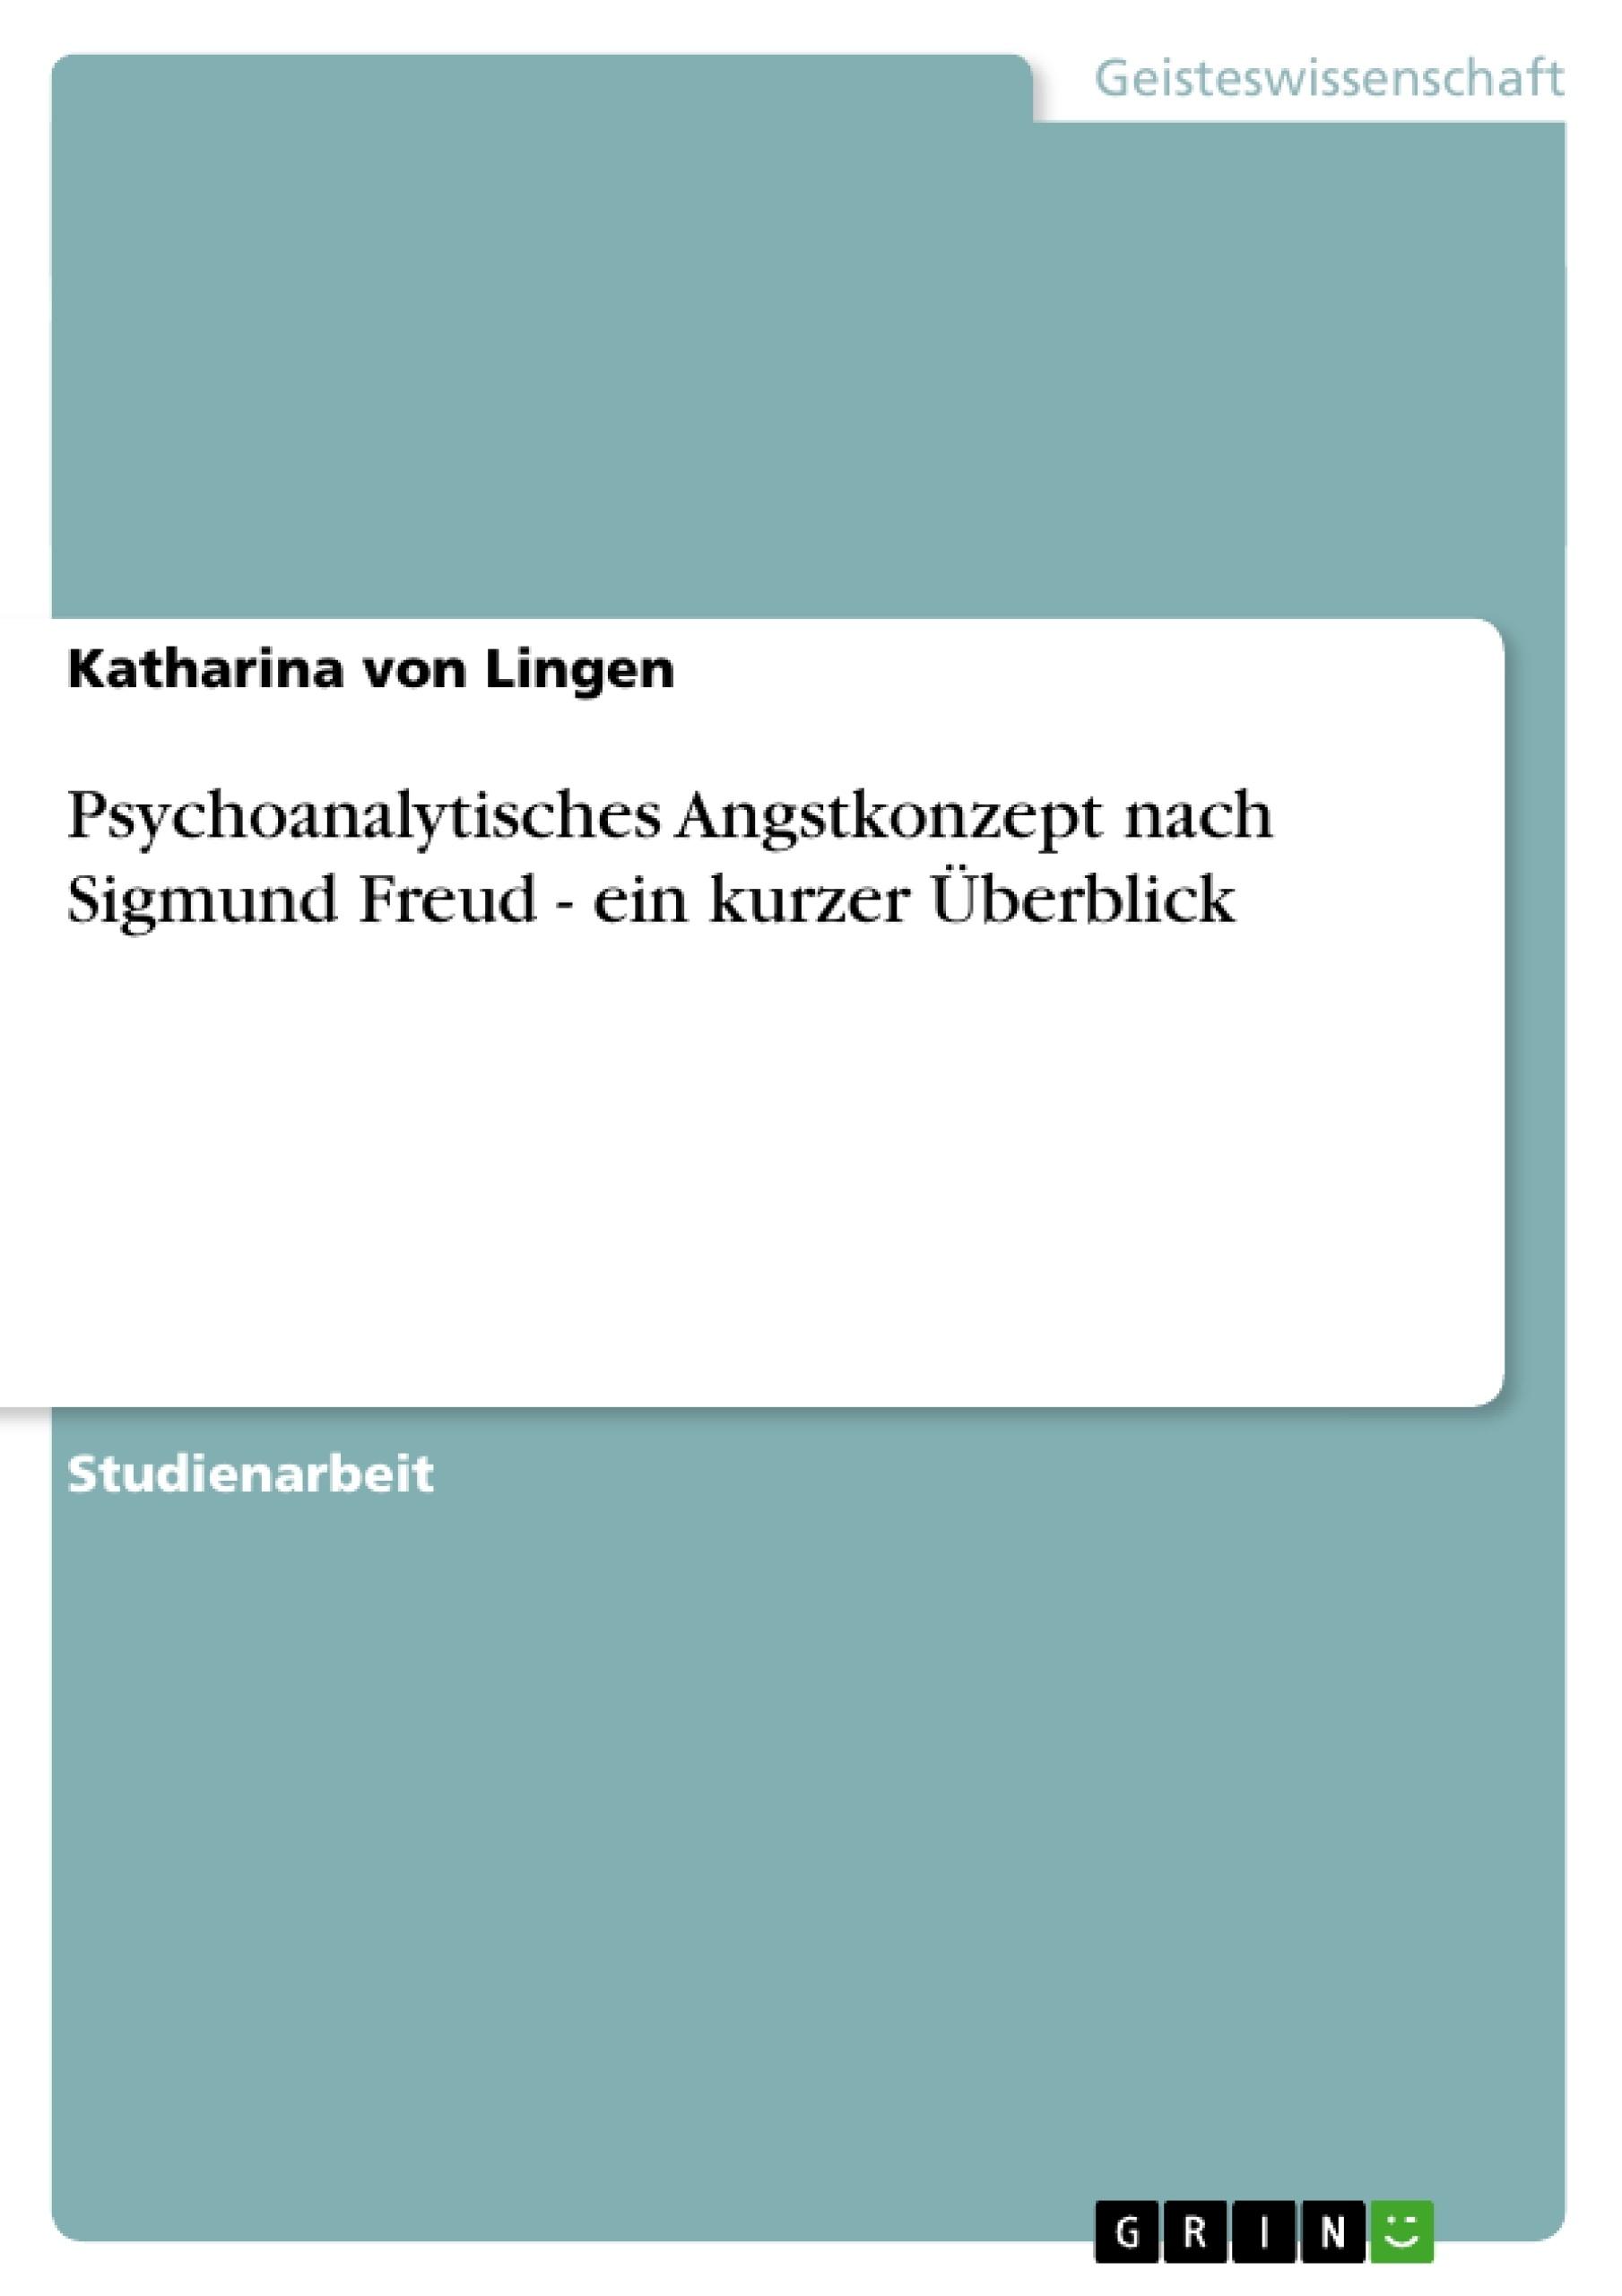 Titel: Psychoanalytisches Angstkonzept nach Sigmund Freud - ein kurzer Überblick